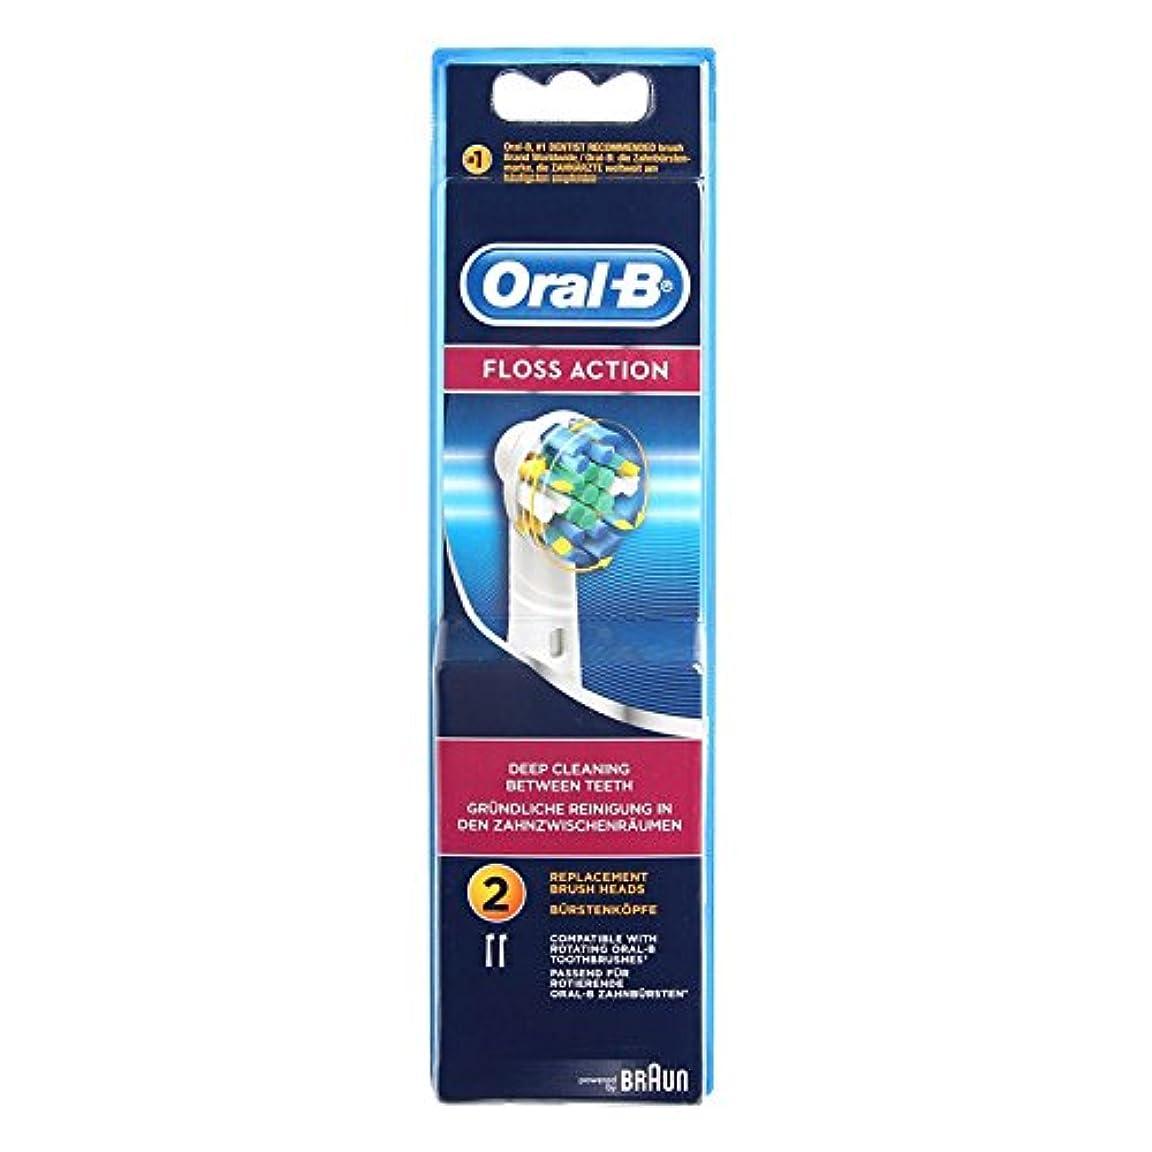 松スリンクひばりBraun Oral-B EB25-2 Floss Action 交換式充電式歯ブラシヘッド 1Pack [並行輸入品]